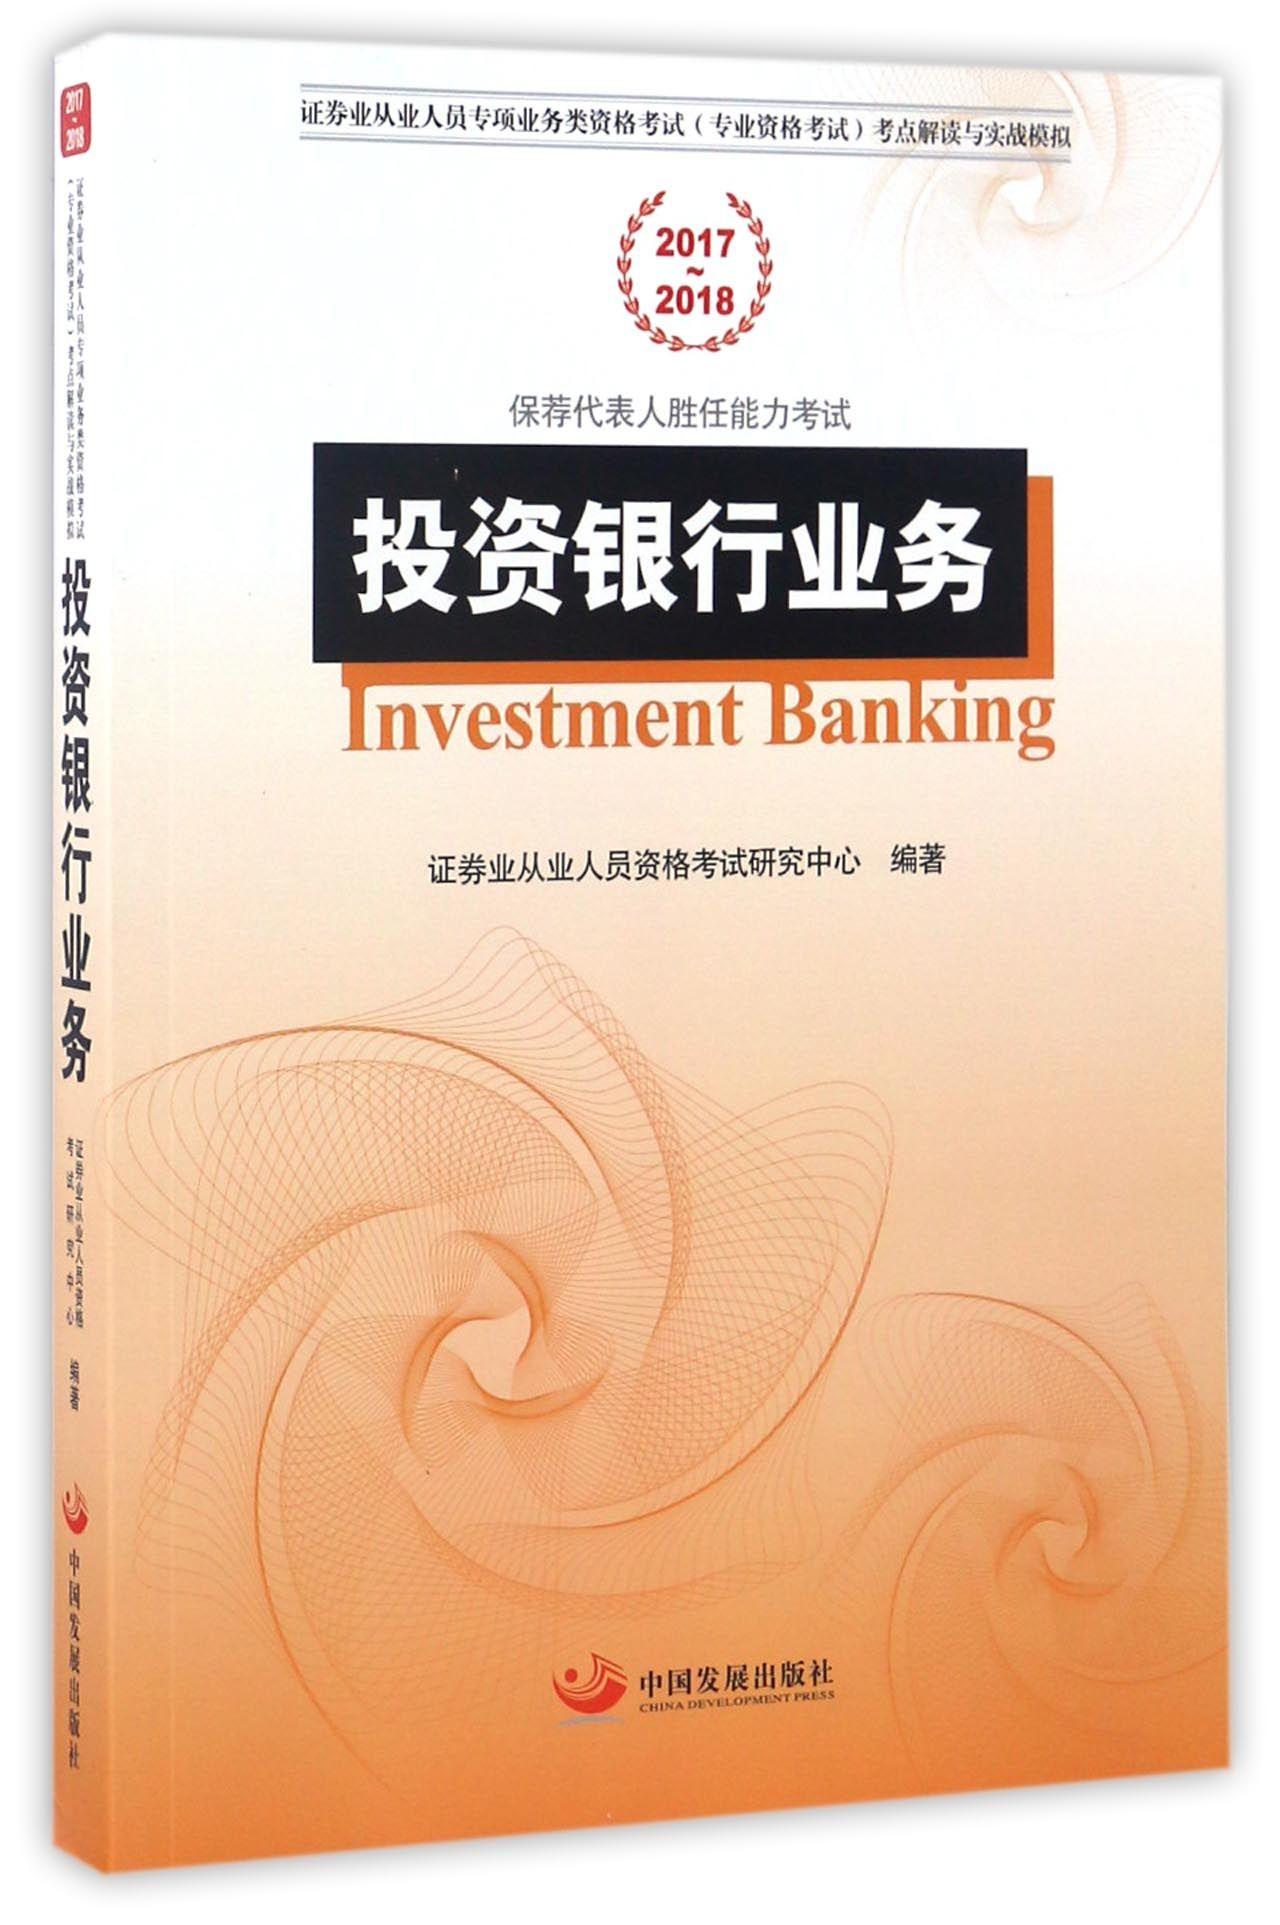 投资银行业务 20172018证券业从业人员专项业务类资格考试 专业资格考试  证券业从业人员资格考试研究中 中国发展出版社 97875177